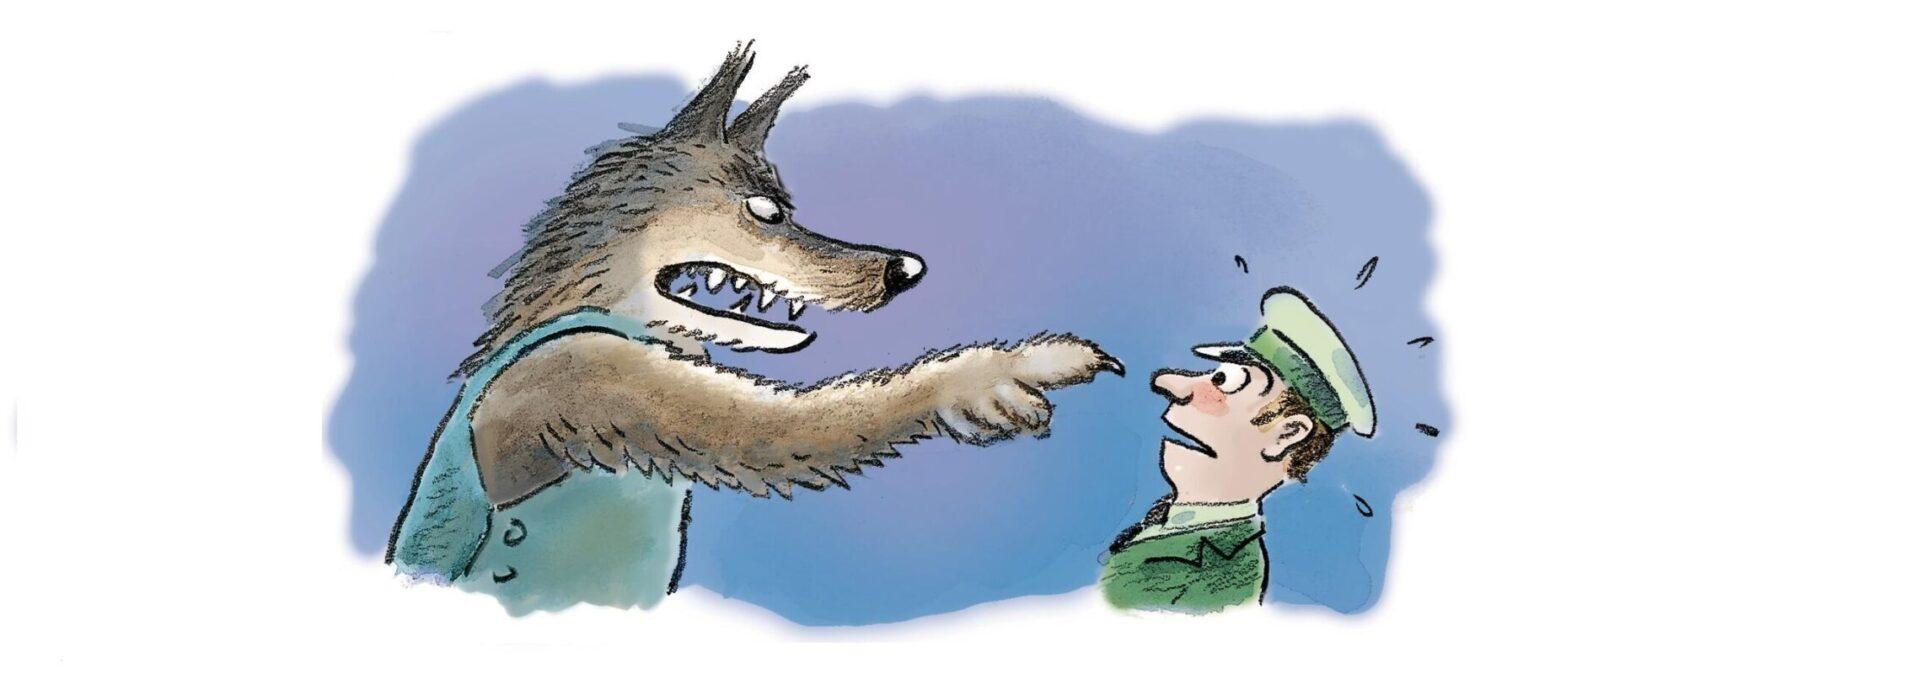 Een weerwolf in de Leeuwenkuil - Paul van Loon, Hugo van Look